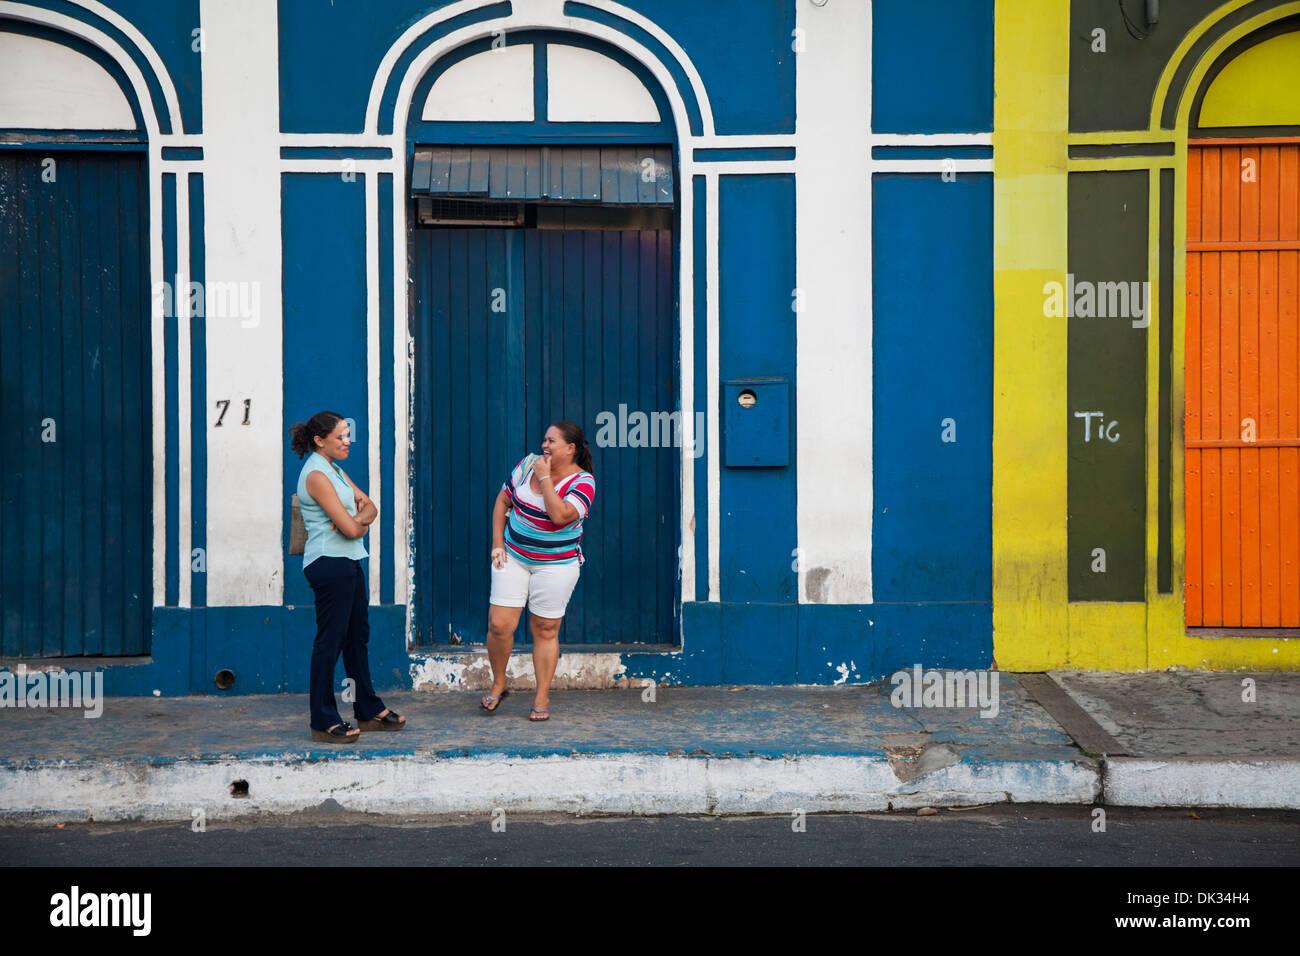 Menschen warten auf den Bus von bunten kolonialen Gebäude in der Innenstadt von Fortaleza, Brasilien. Stockbild